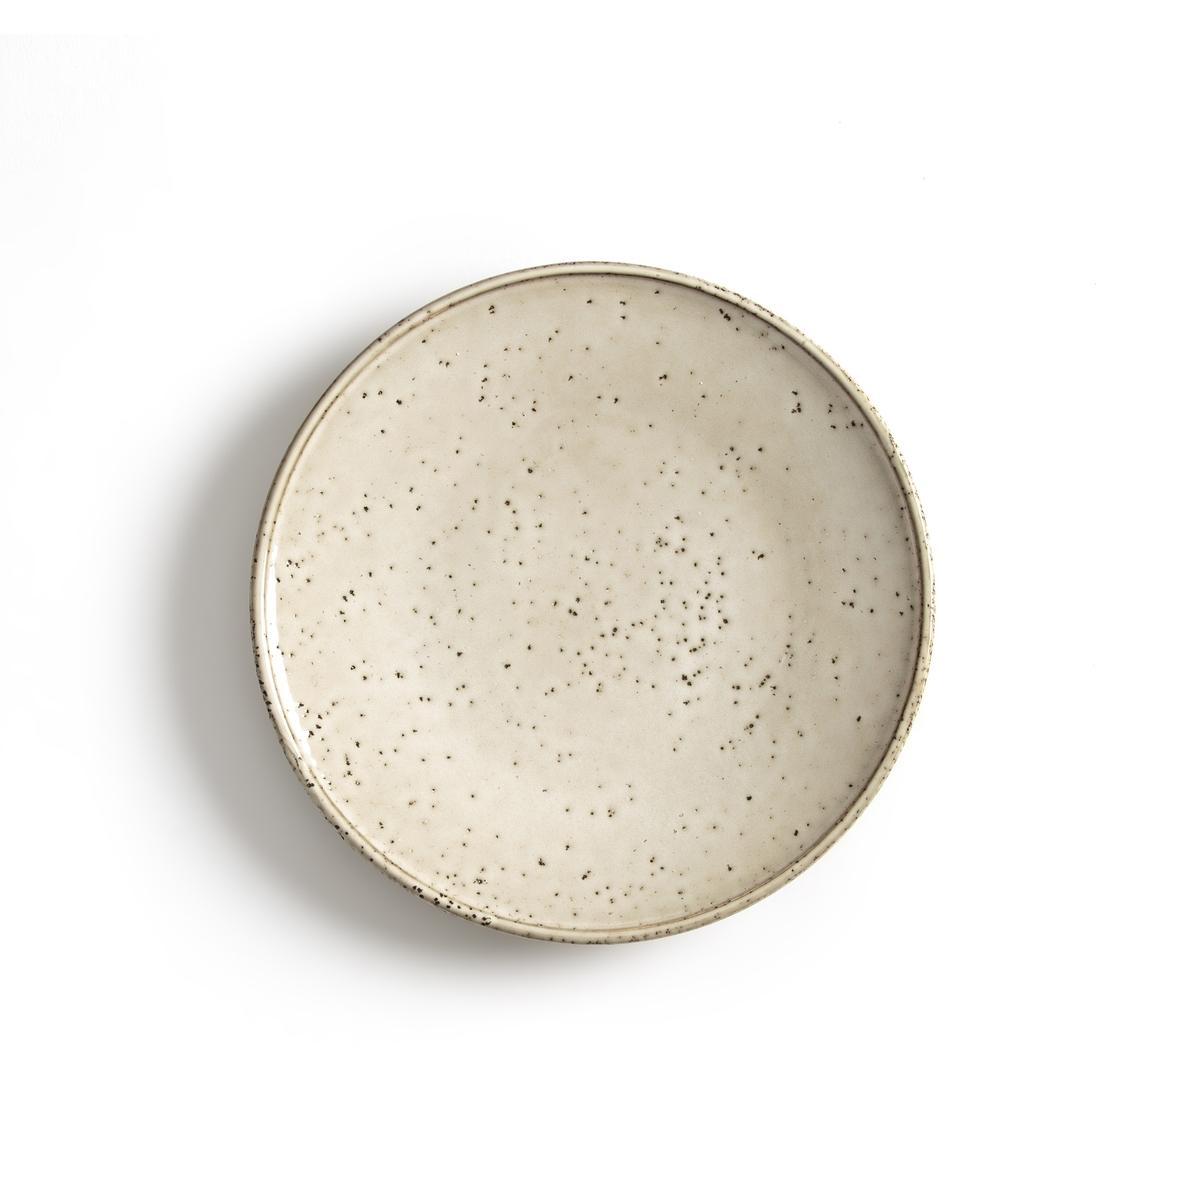 4 тарелки десертные из керамики, Olazhi4 тарелки десертные Olazhi . Красивый эффект, придающий этим тарелками внешний вид ручной работы . Можно использовать в посудомоечных машинах и микроволновых печах. Размеры : ?22 см .<br><br>Цвет: серо-бежевый